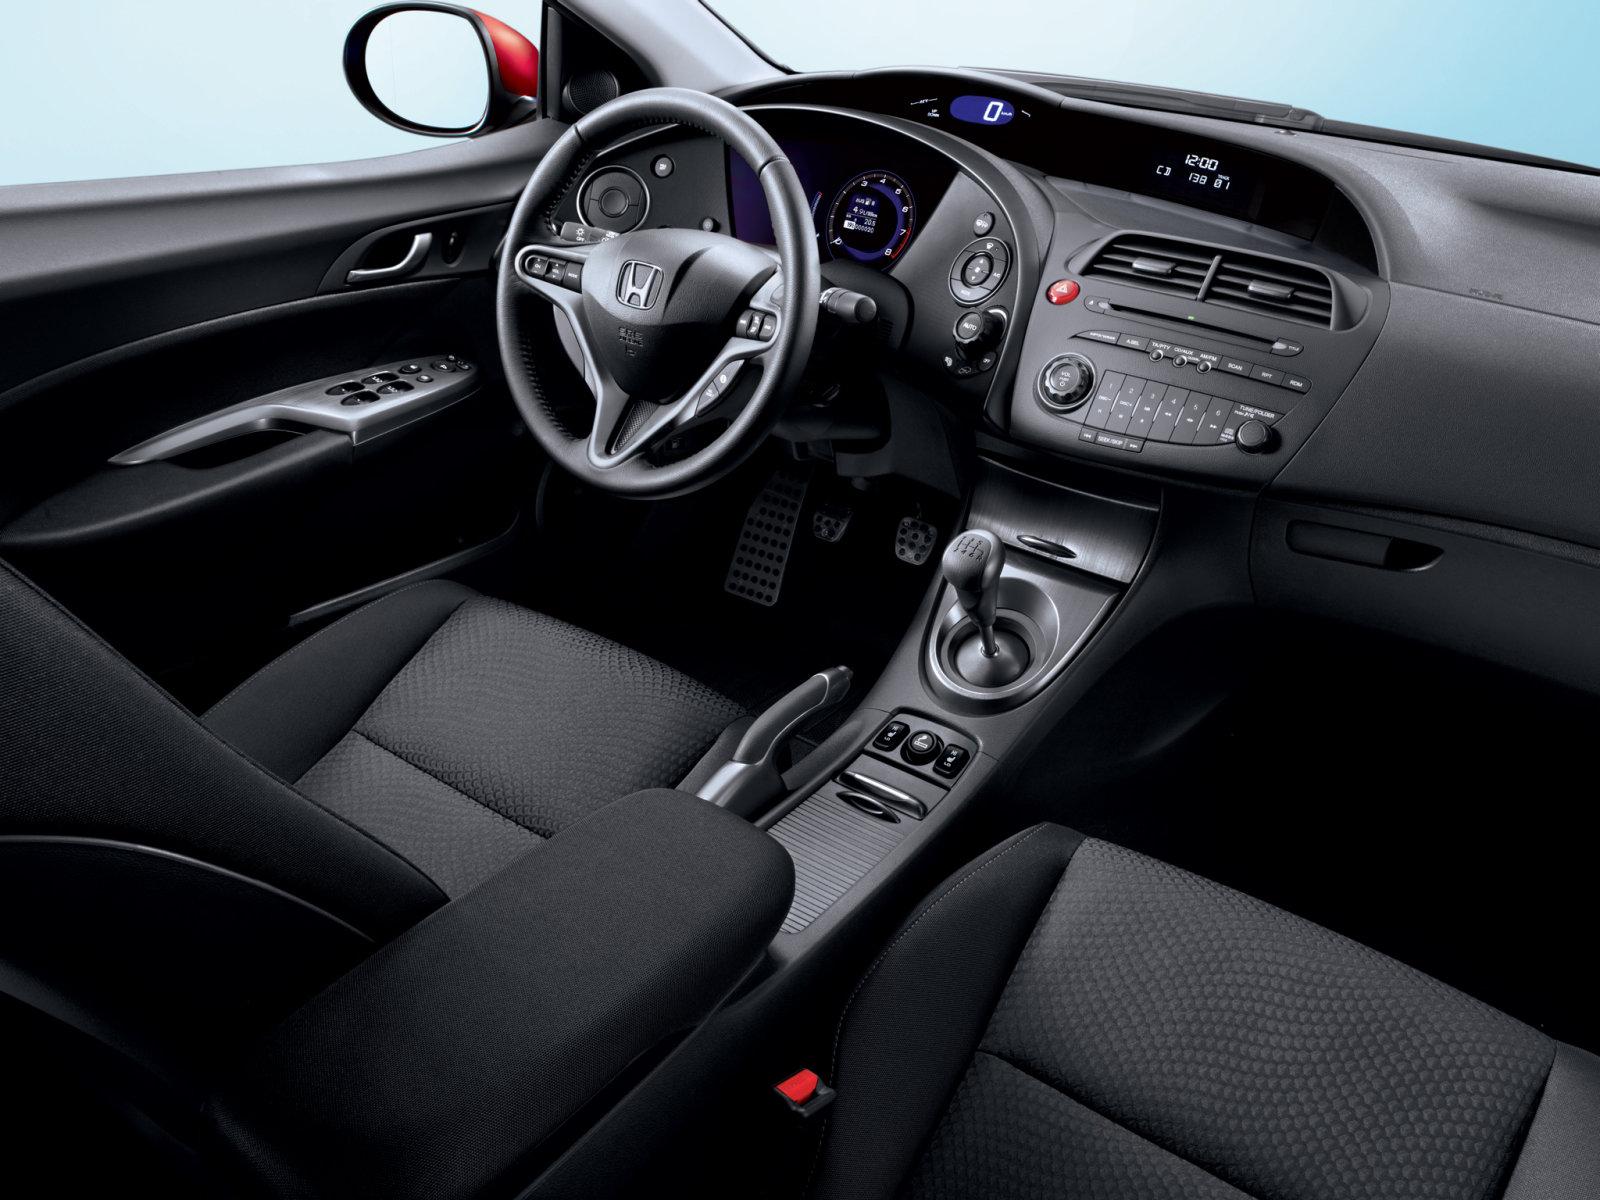 28-11-2011, 1919 В России стартуют продажи хэтчбека Honda Civic R